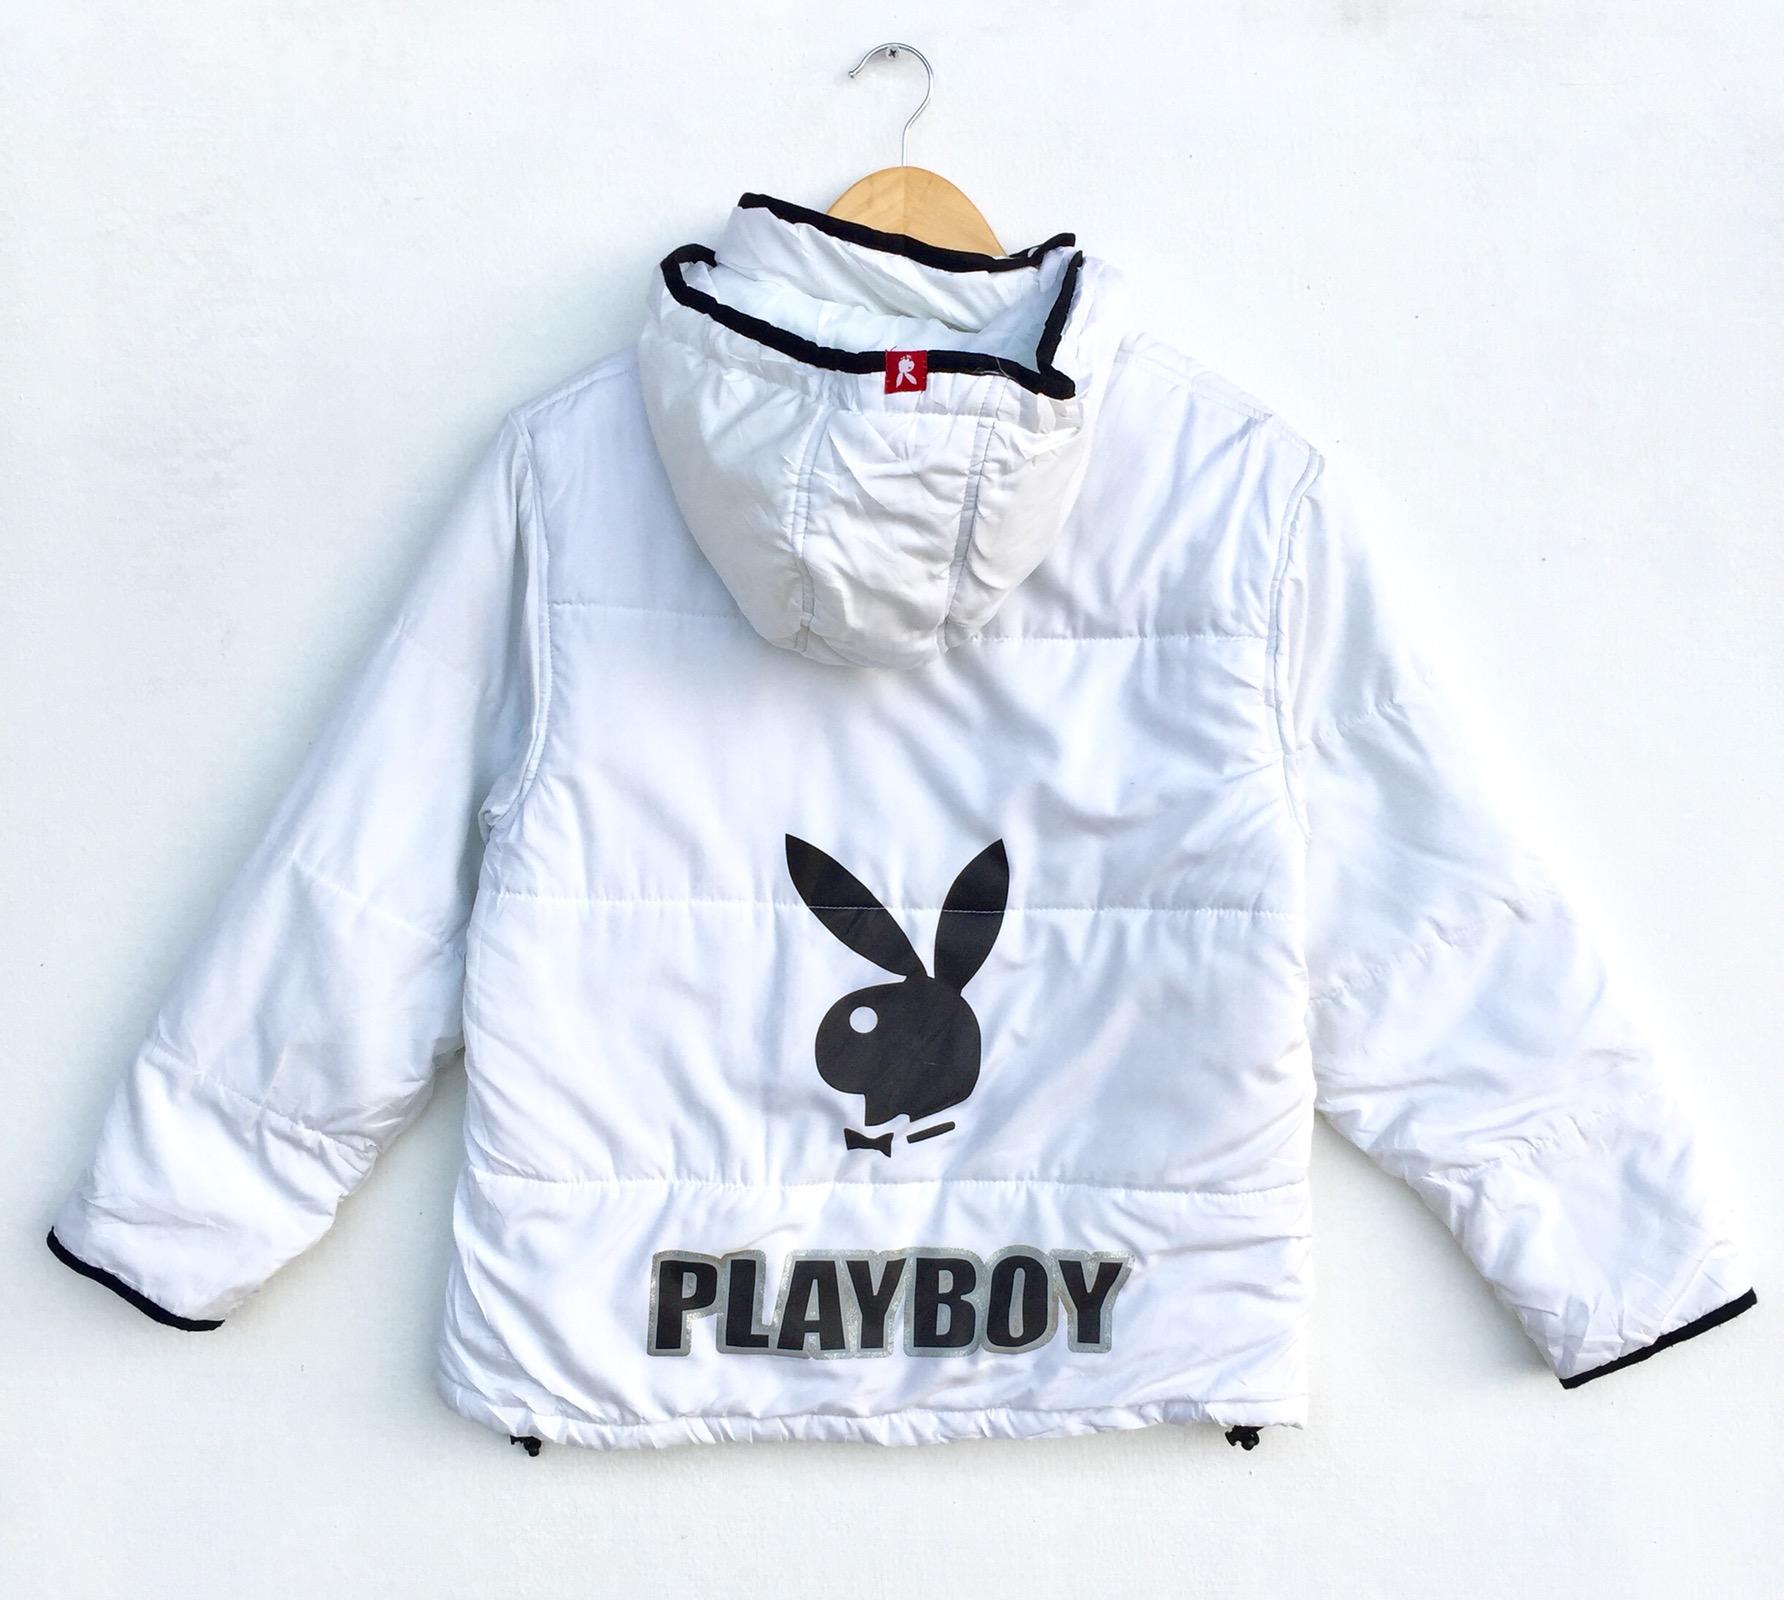 Playboy Jacket Playboy Windbreaker Playboy Big Logo Jacket Playboy Bunny Jacket Women Size L